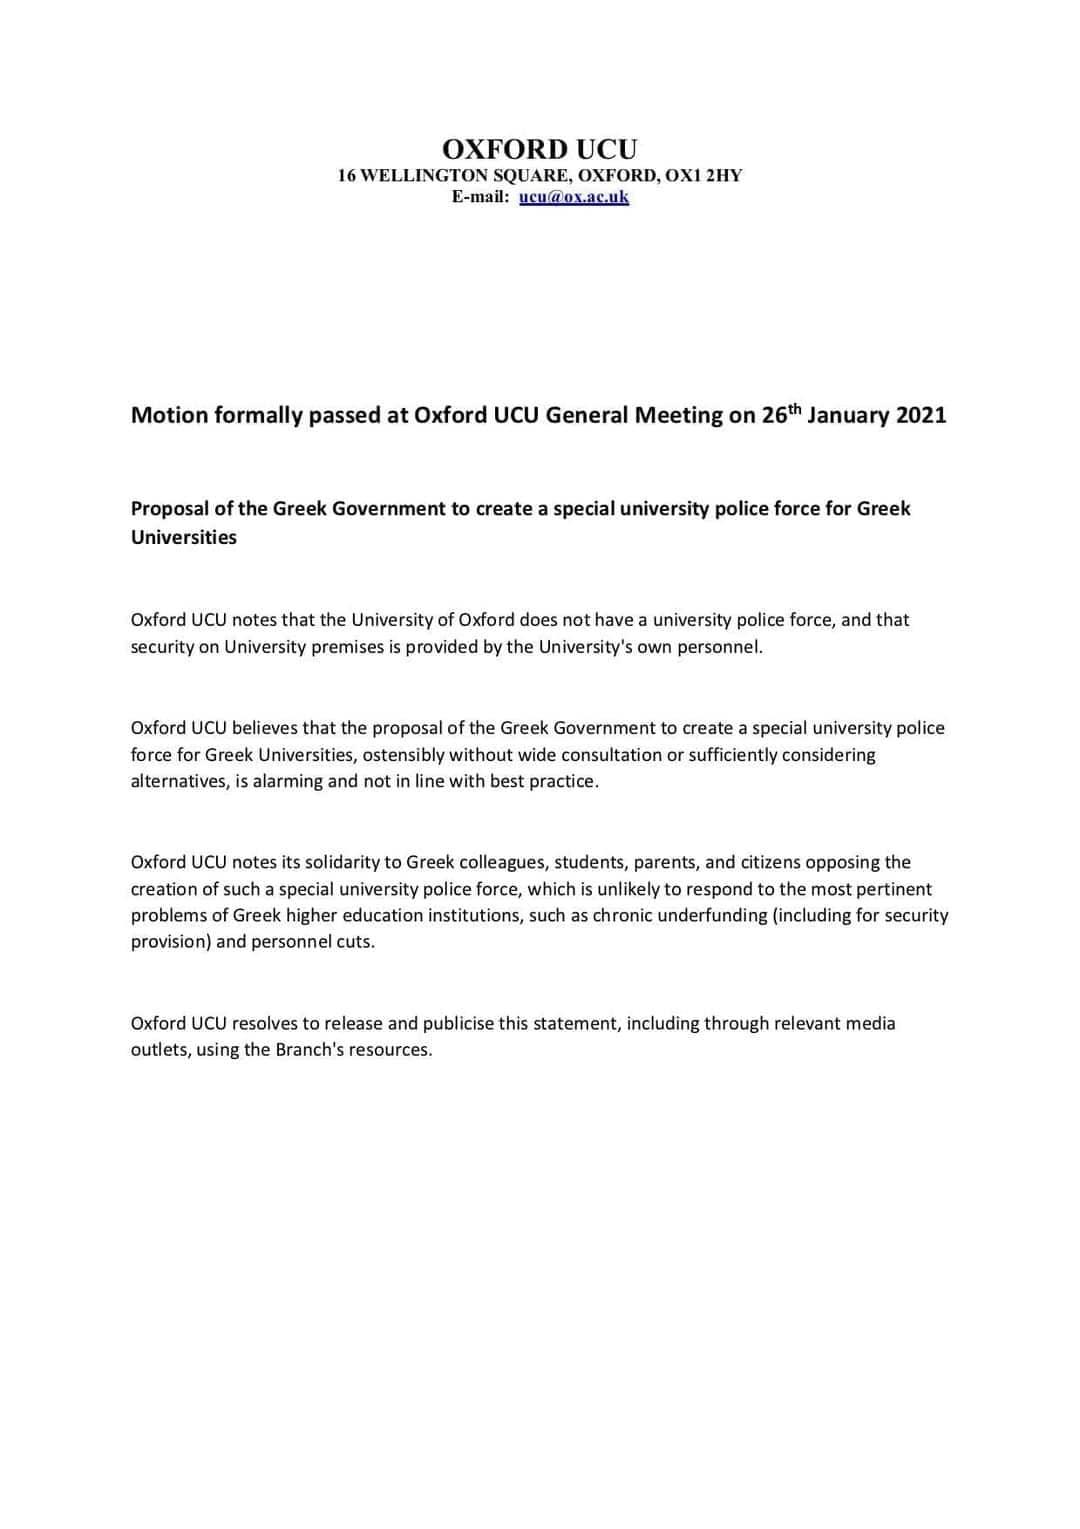 """Οι καθηγητές της Οξφόρδης καταδικάζουν την """"αστυνομία ΑΕΙ"""" και το """"φάουλ"""" Συρίγου"""